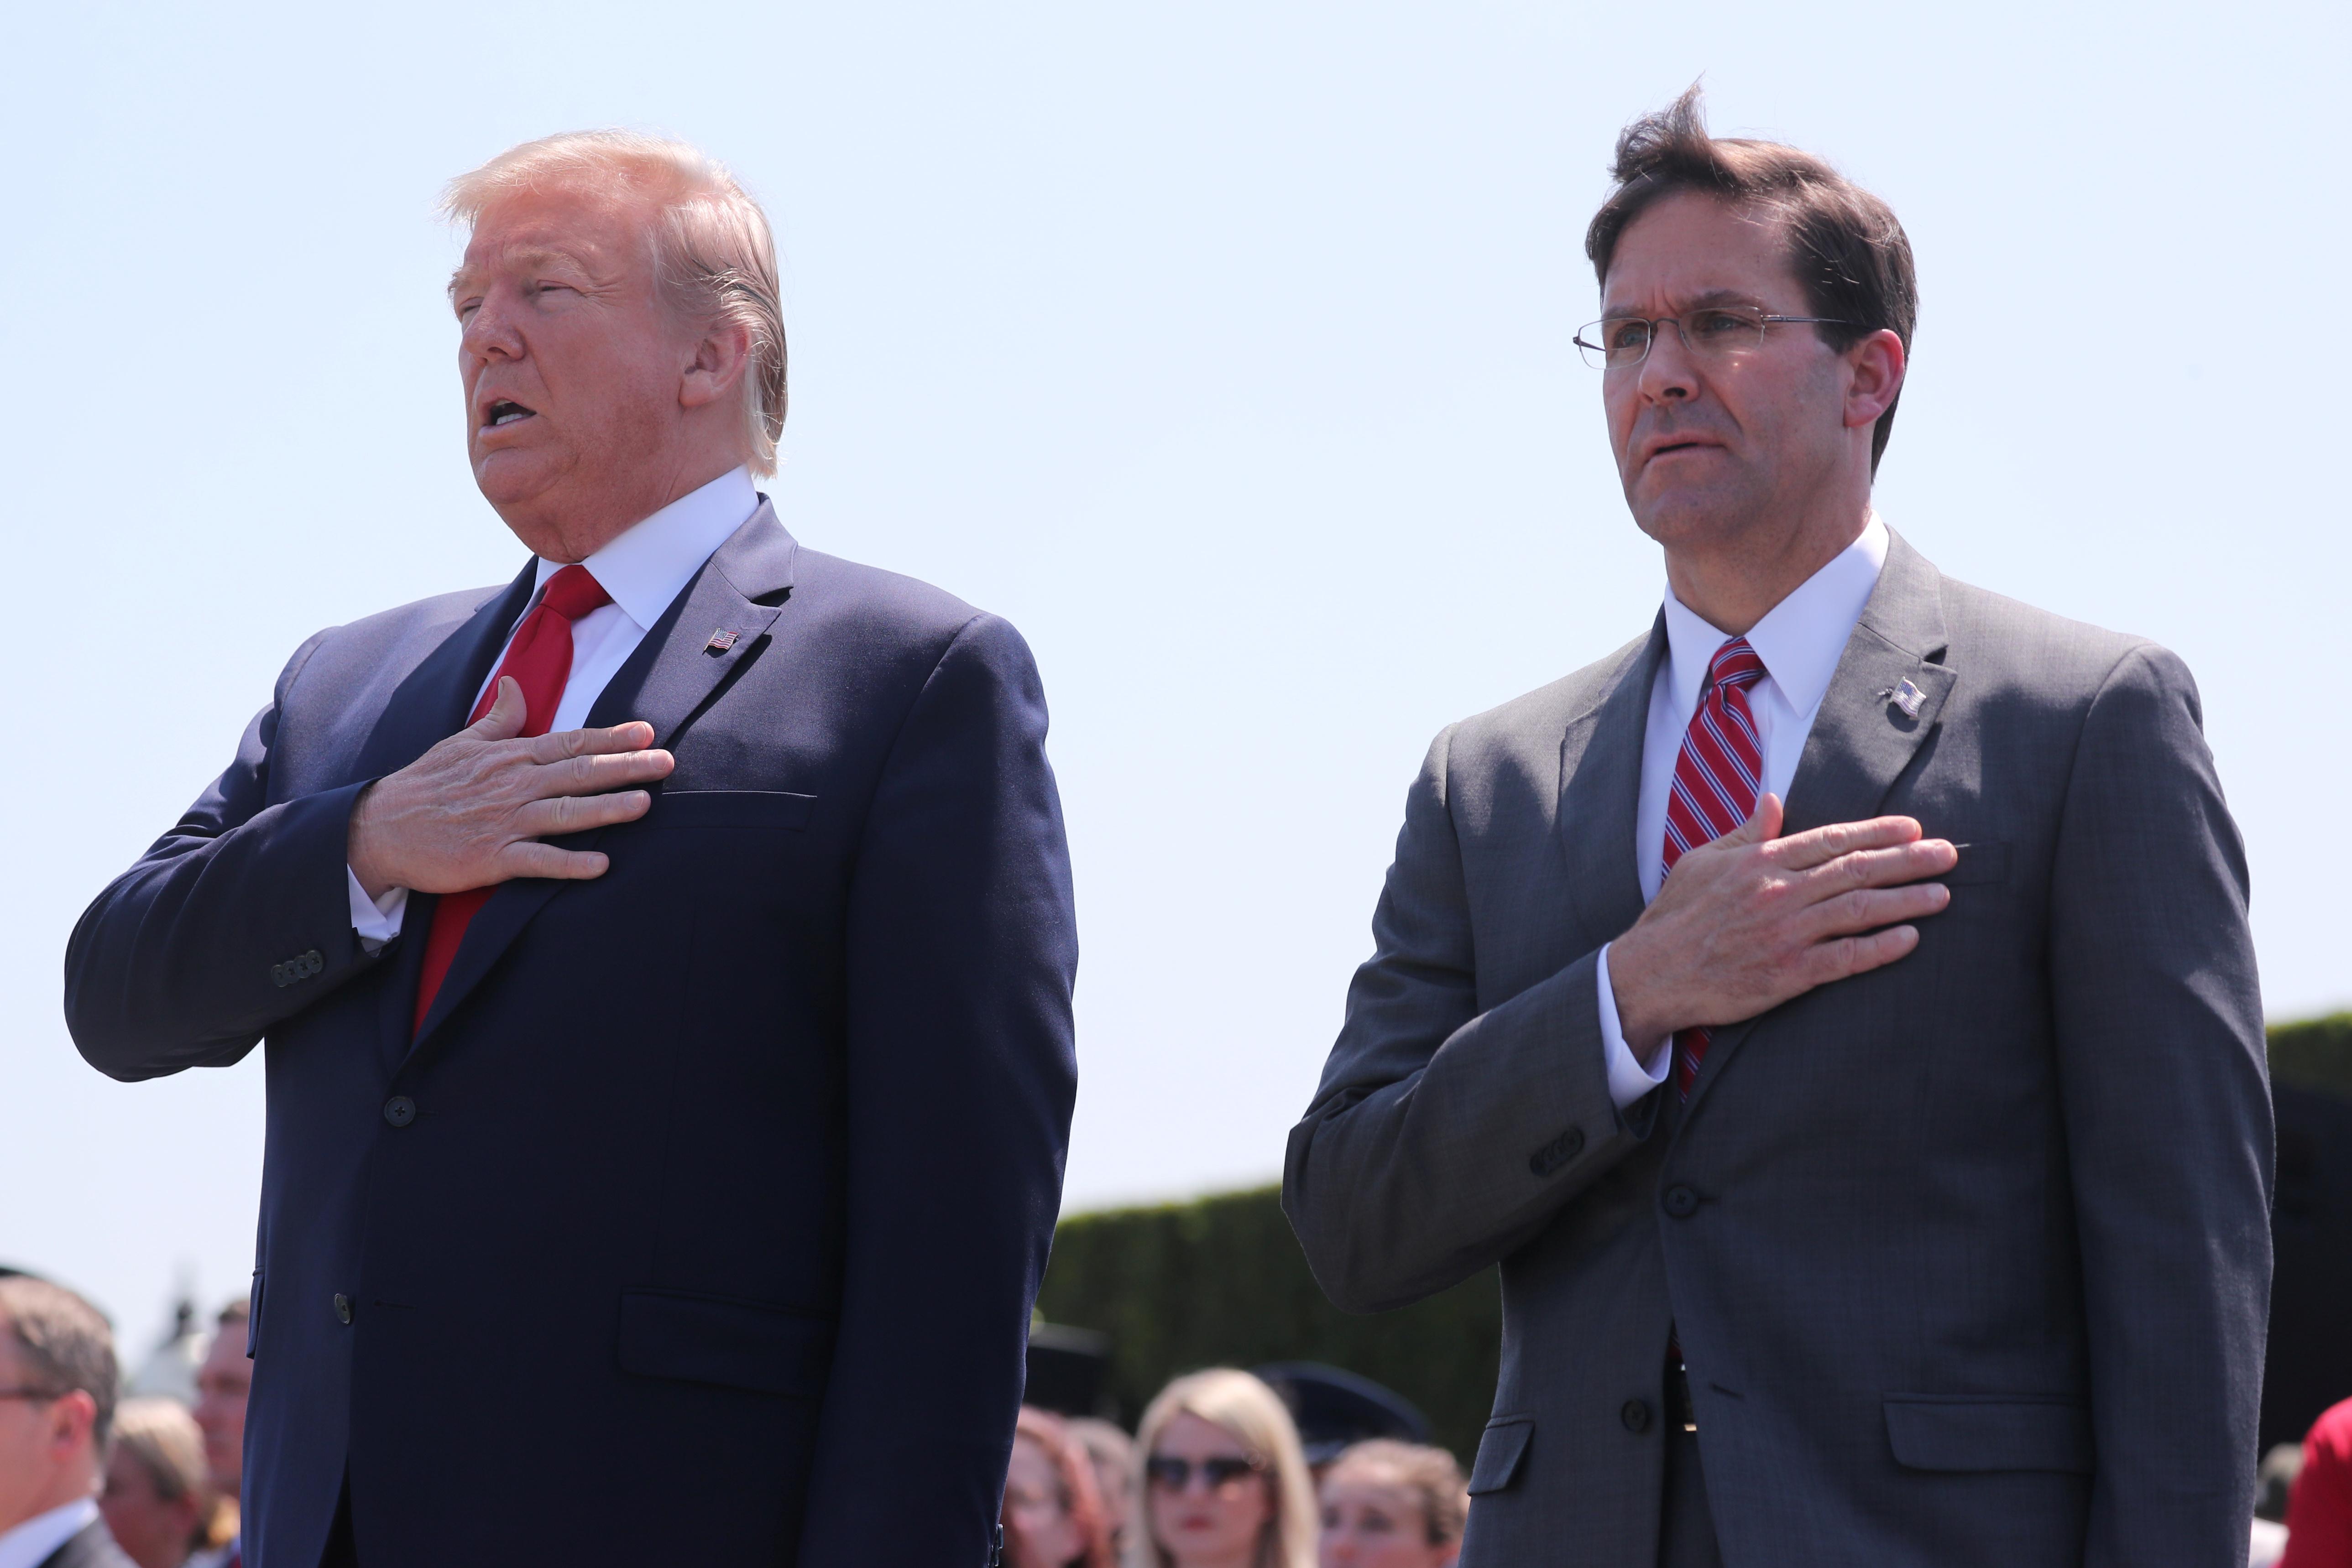 ترامب وإسبر خلال الاحتفال في البنتاغون